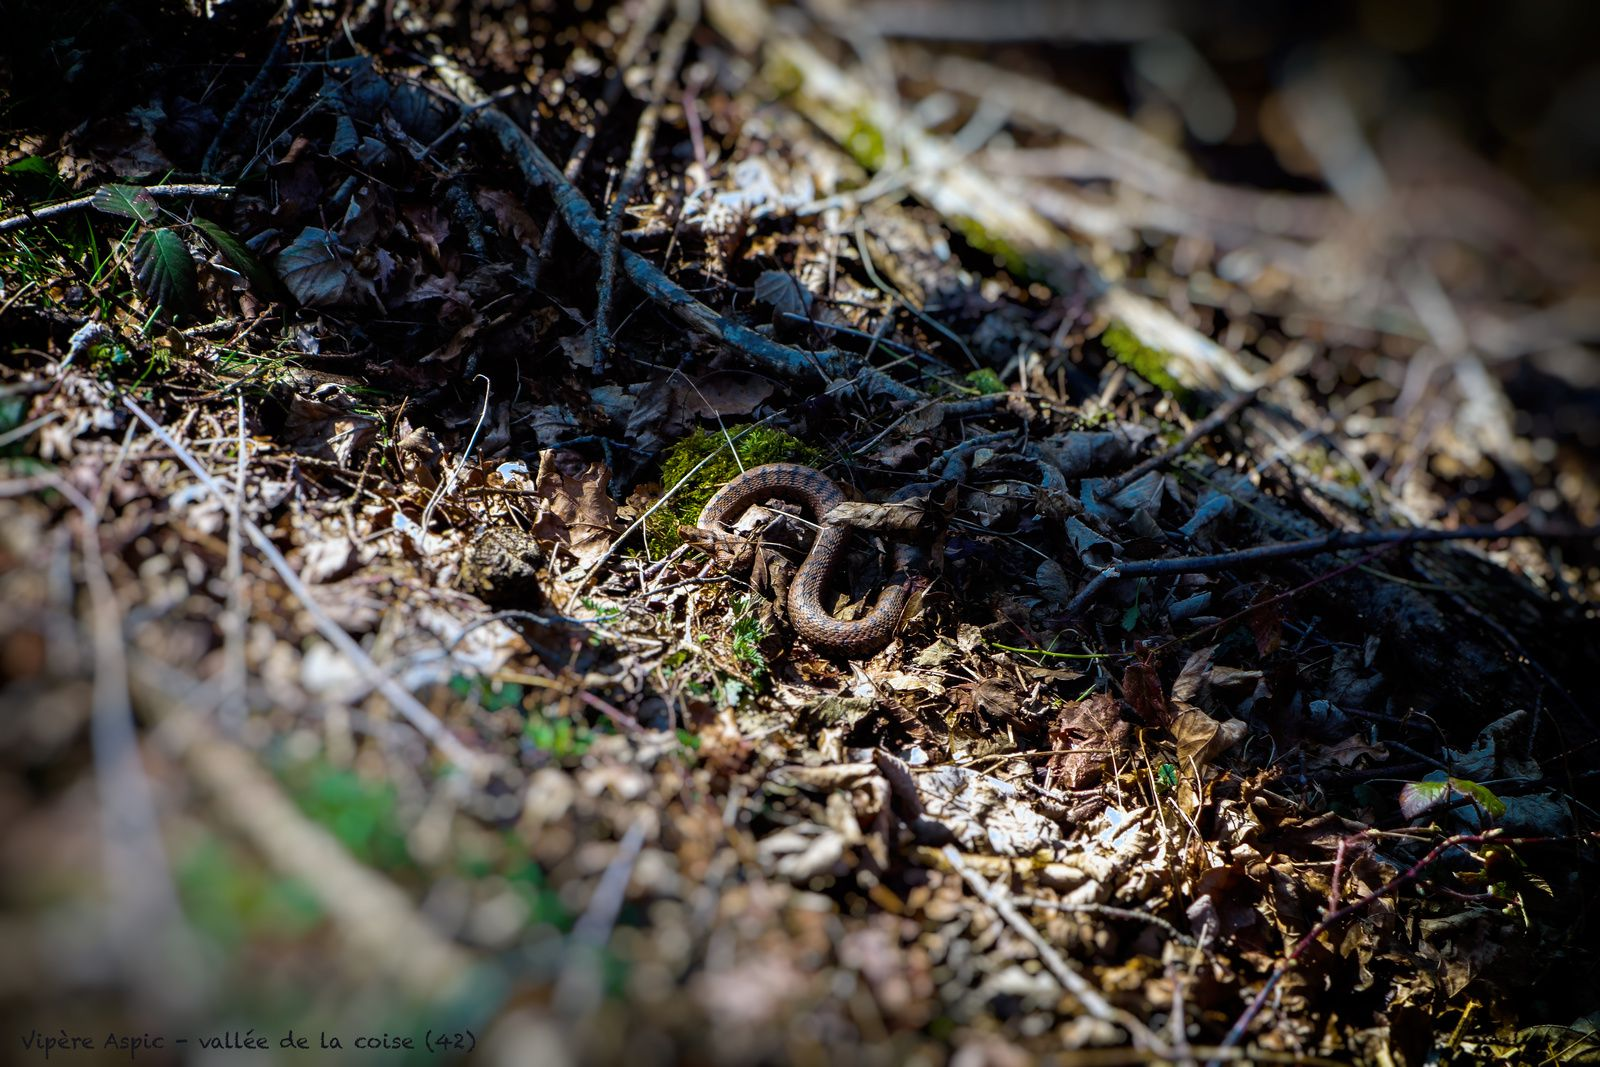 La vipère aspic dans son milieu naturel